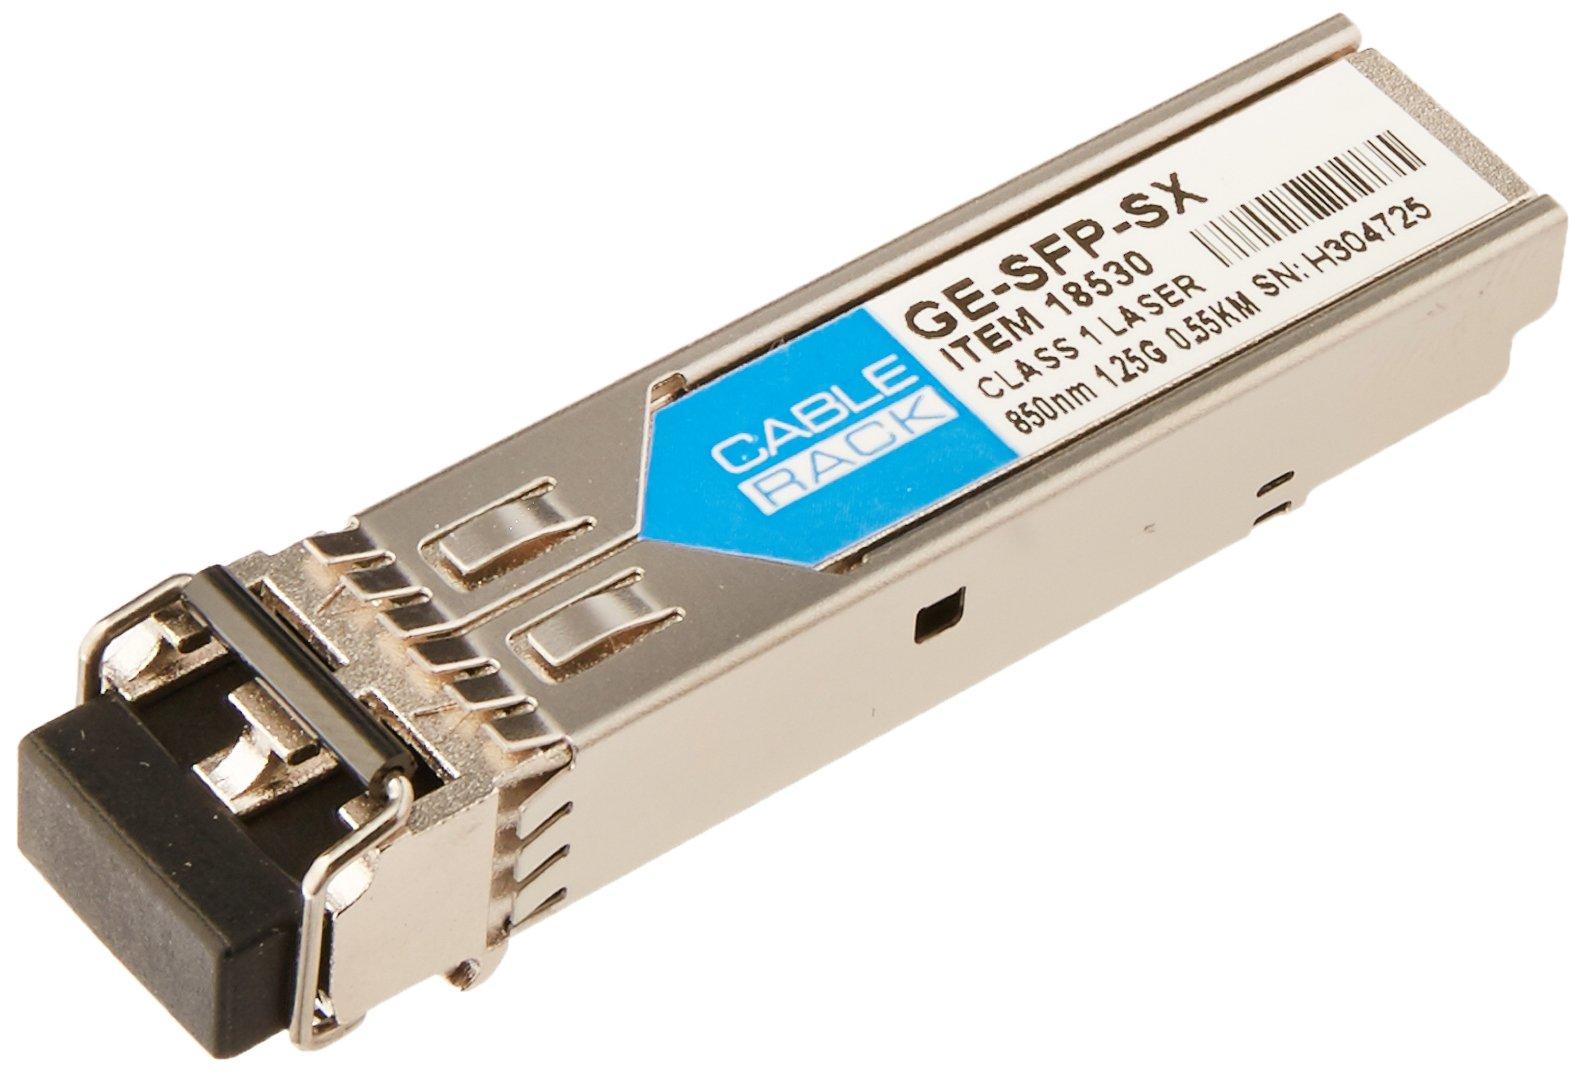 Diablo Cable 18530 GE SFP SX Multimode 550m Fiber Transceiver by Diablo Cable